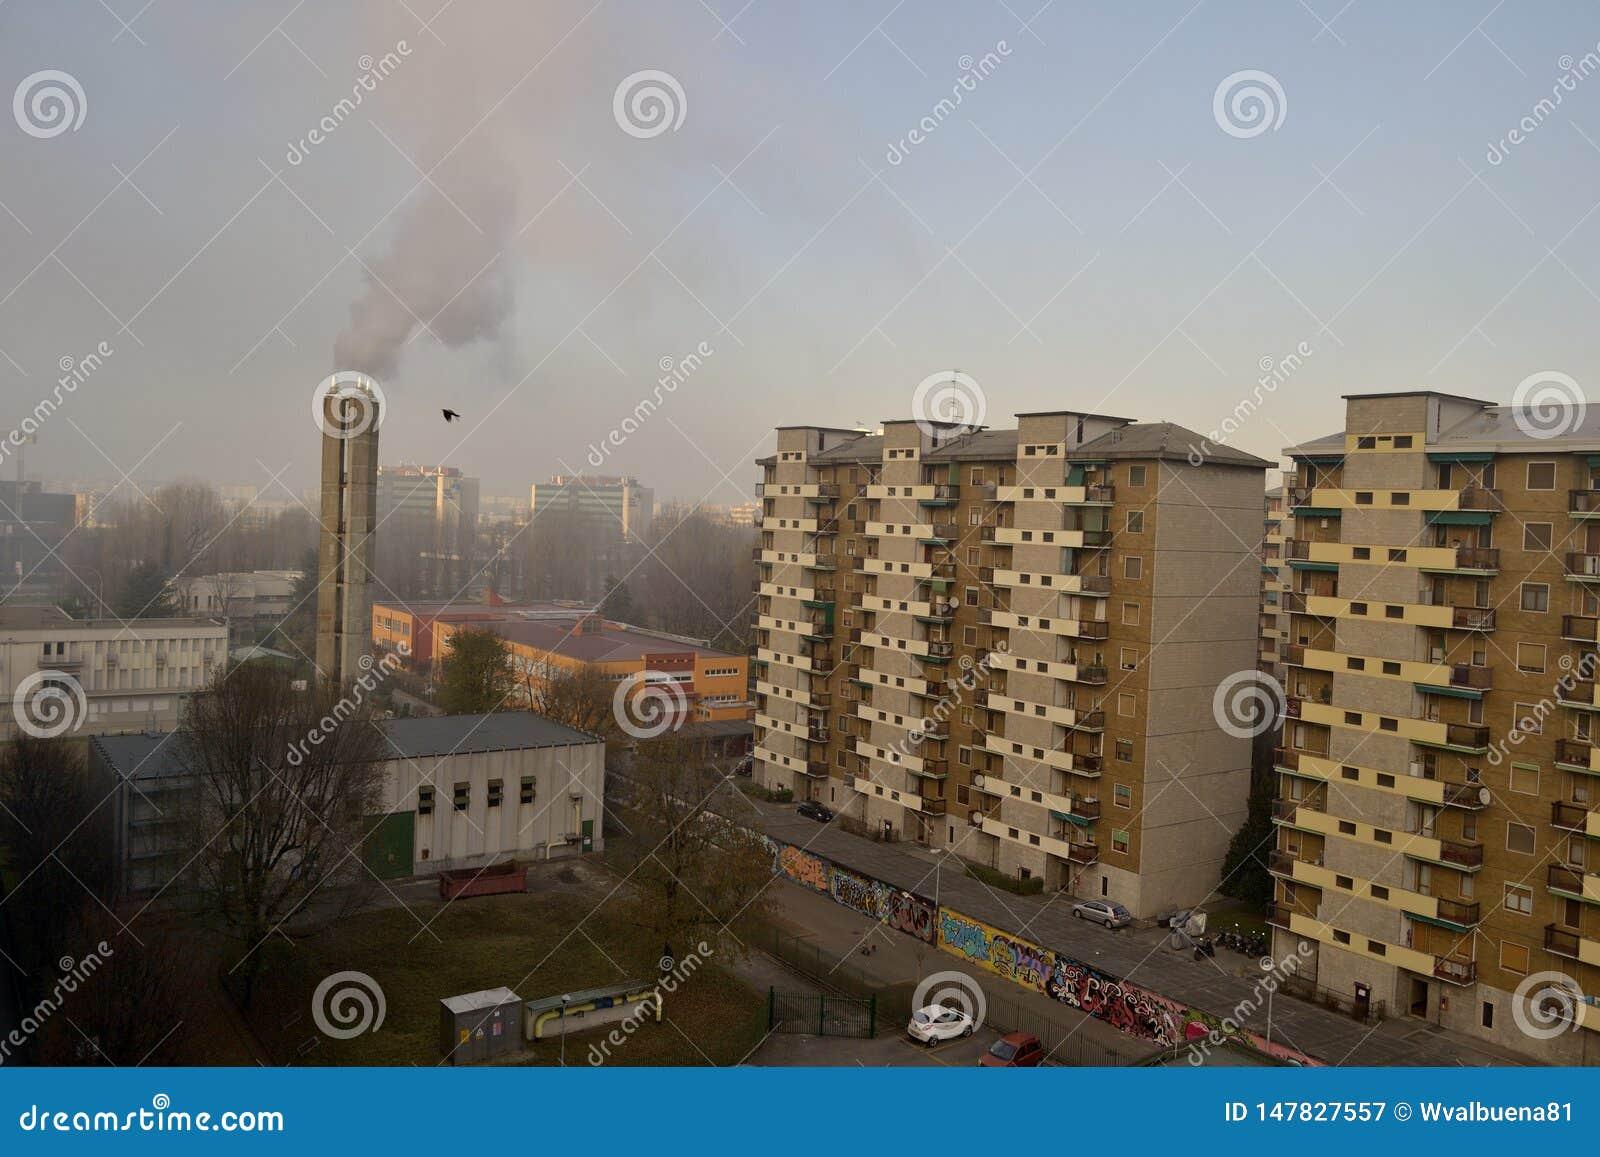 Vicinanza suburbana di paesaggio urbano urbano di inquinamento